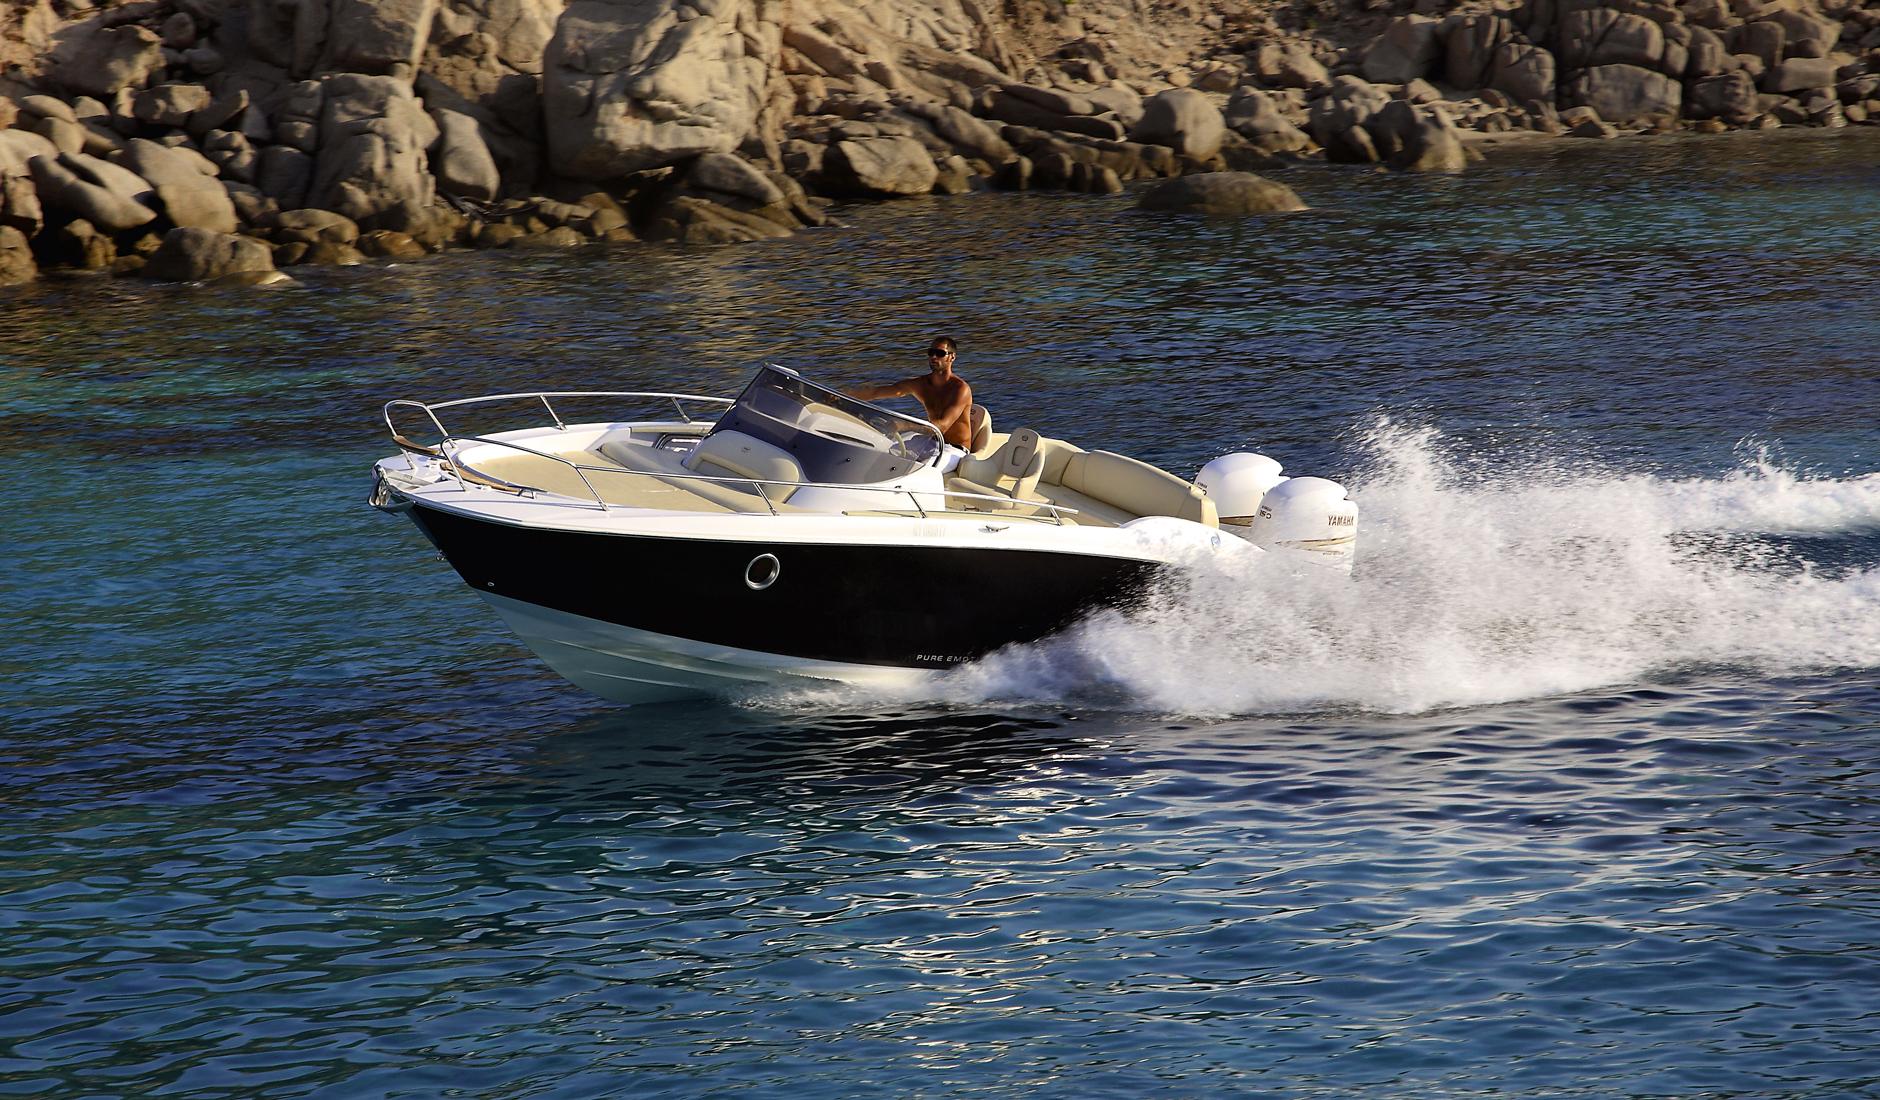 Sessa Marine Key Largo 27 Outboard Фото № 3